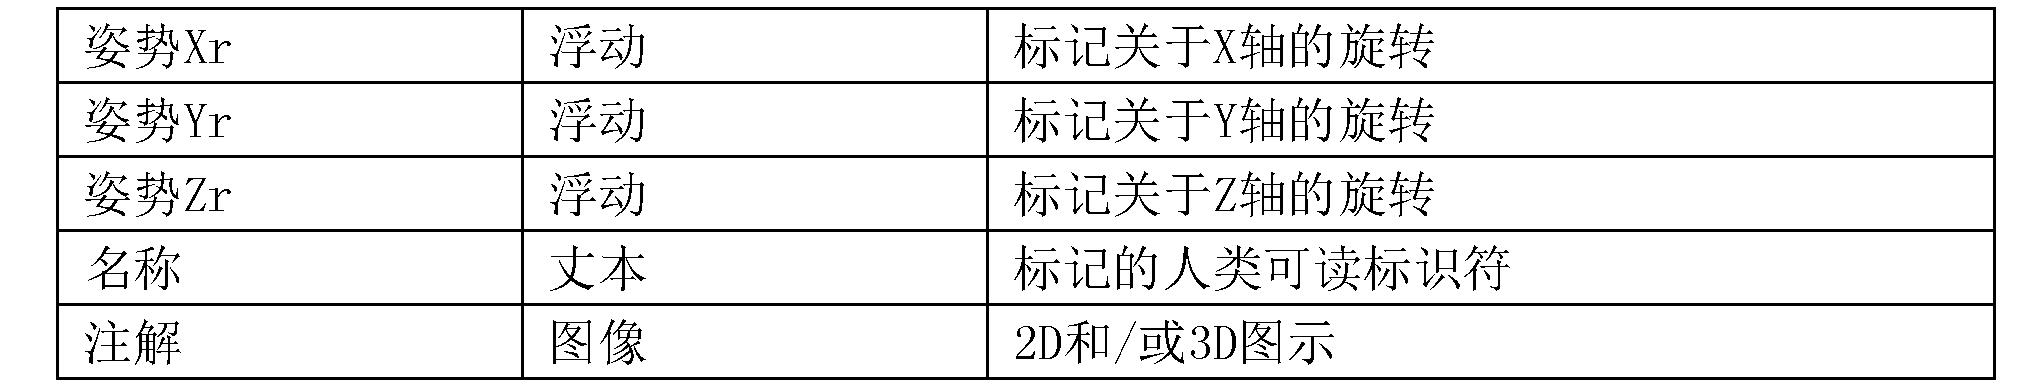 Figure CN104898652BD00391